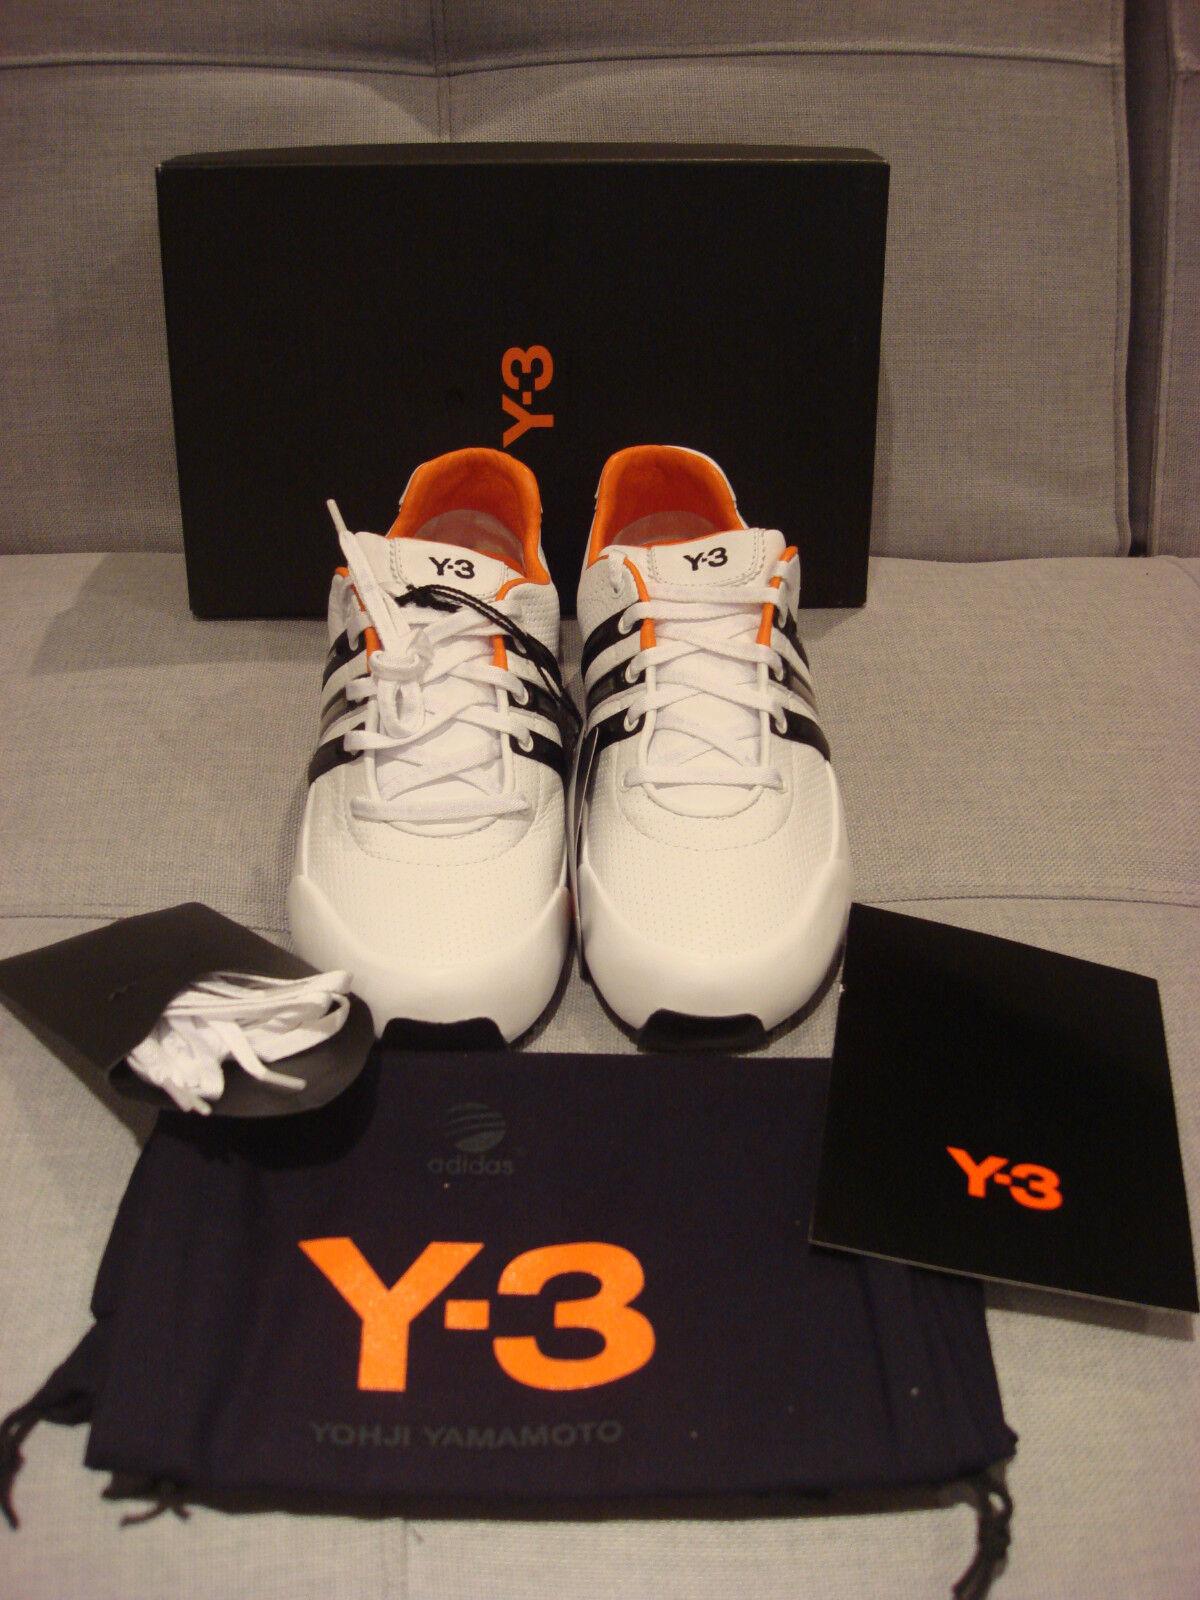 ADIDAS Y-3 YOHJI JAMAMOTO SPRINT CLASSIC Weiß Weiß Weiß schwarz Größe 7 schuhe - BRAND NEW 1320cc